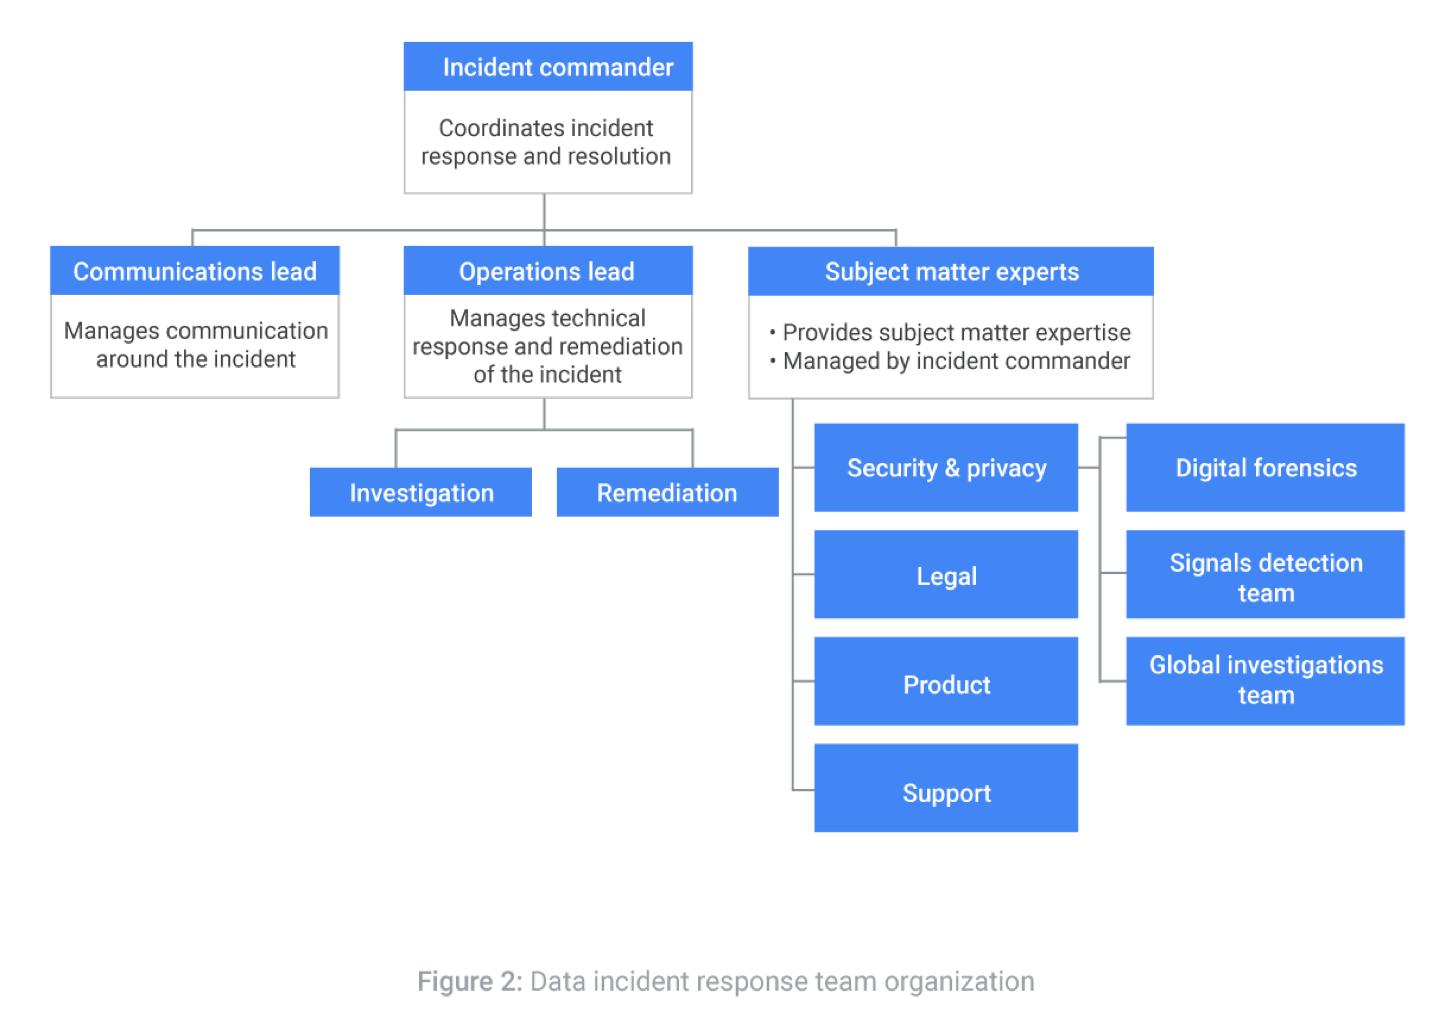 Organizzazione del team di risposta agli incidenti relativi ai dati